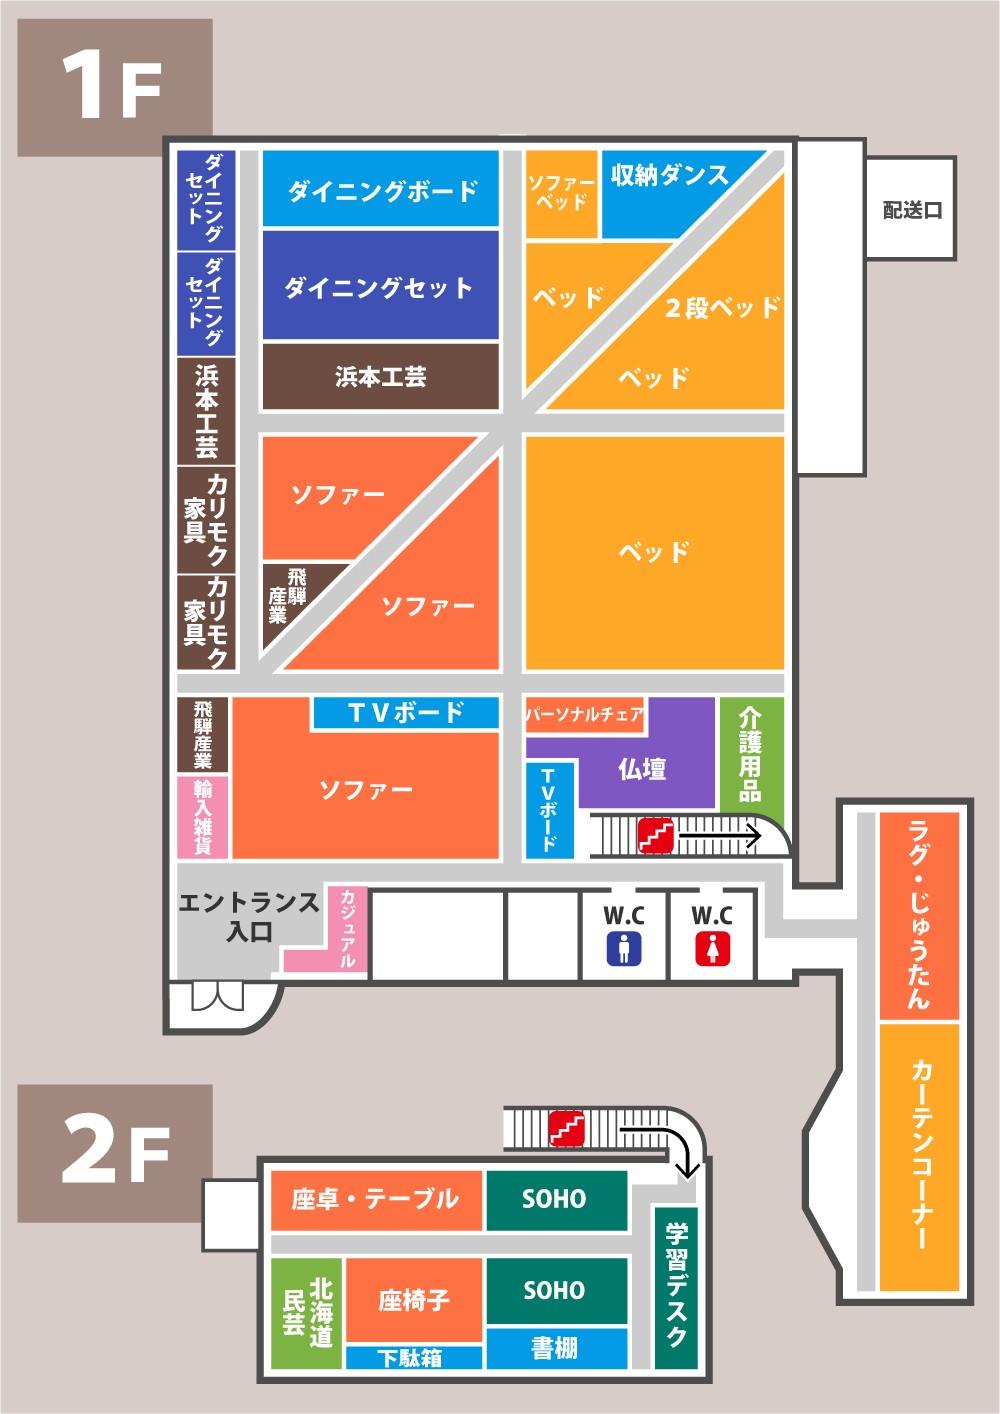 丸畑家具センター千歳店フロアマップ